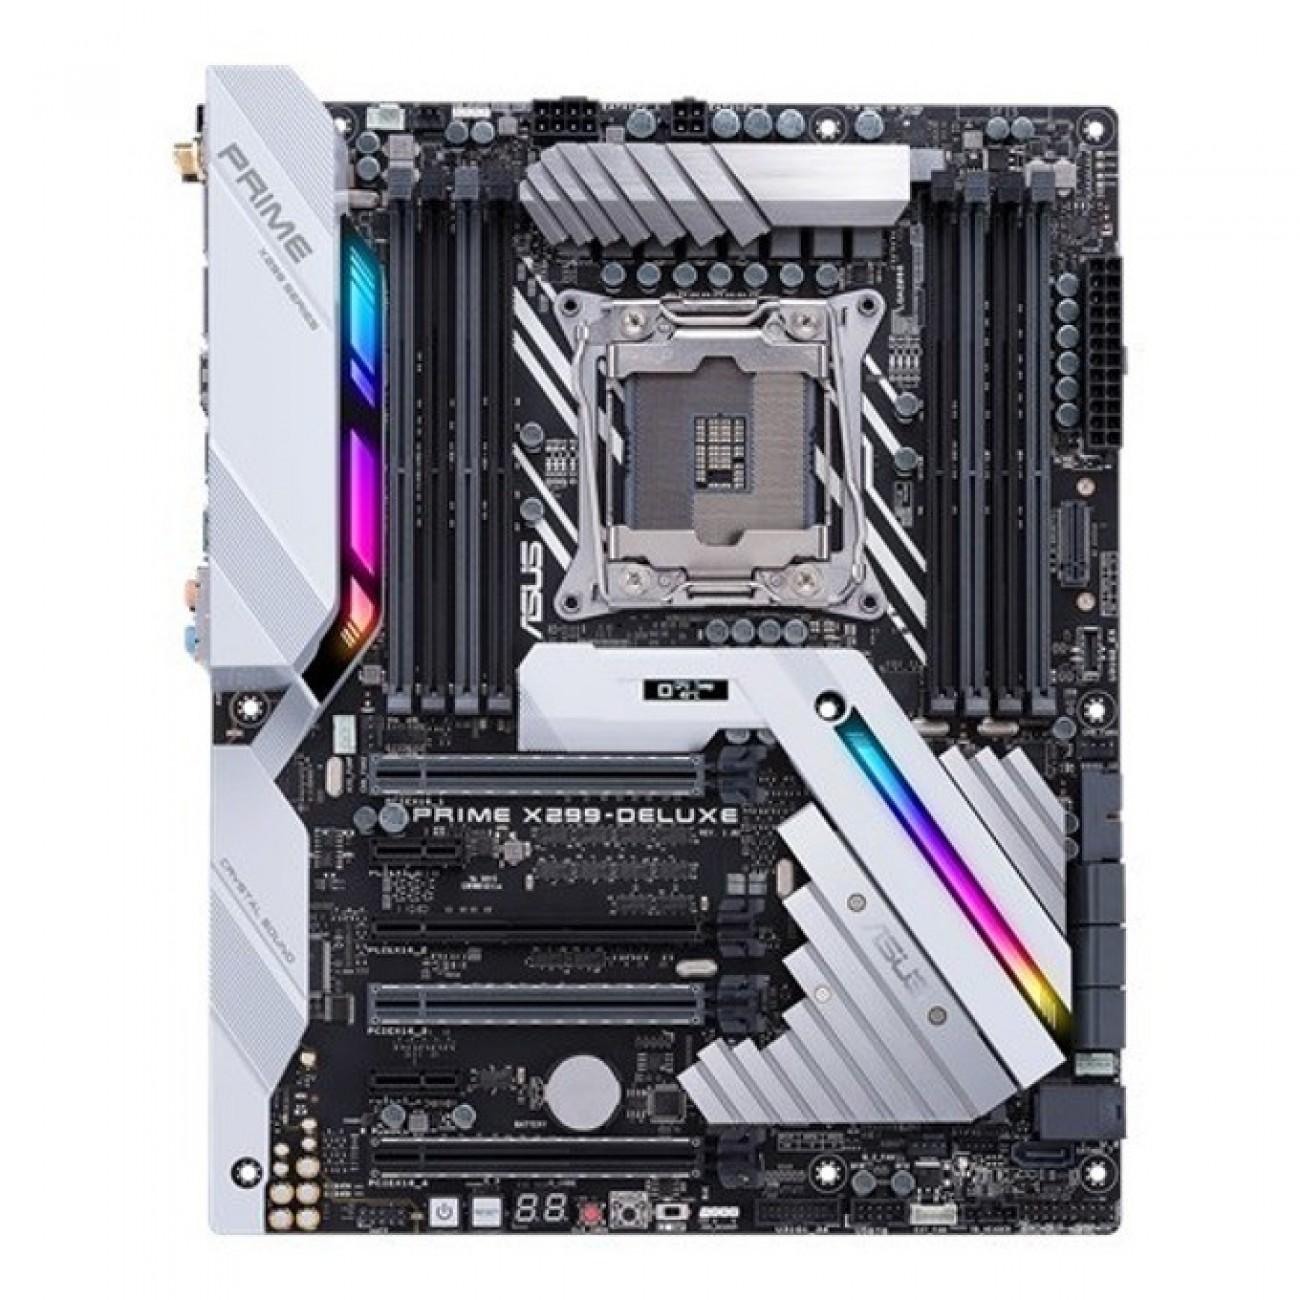 Дънна платка Asus PRIME X299-DELUXE, X299, LGA2066, DDR4, PCI-E (CF&SLi), 7x SATA 6Gb/s, 2x M.2, 5x USB 3.0, M.2 Heatsink, Wi-Fi, ATX в Дънни платки за Intel процесори -  | Alleop